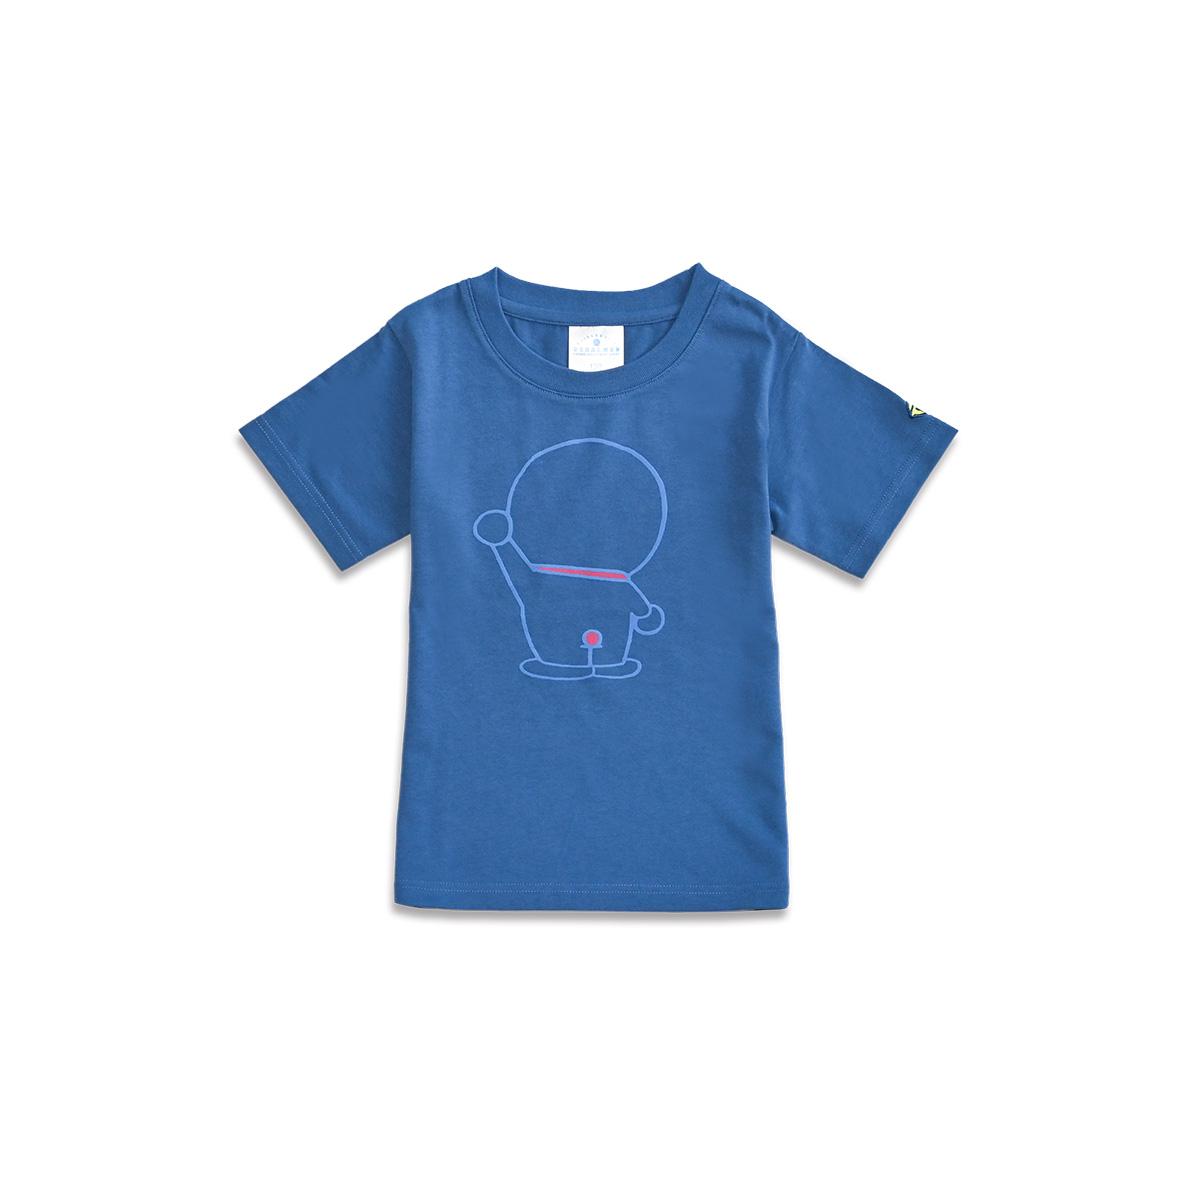 Tシャツ ドラえもん後ろすがた ブルー120